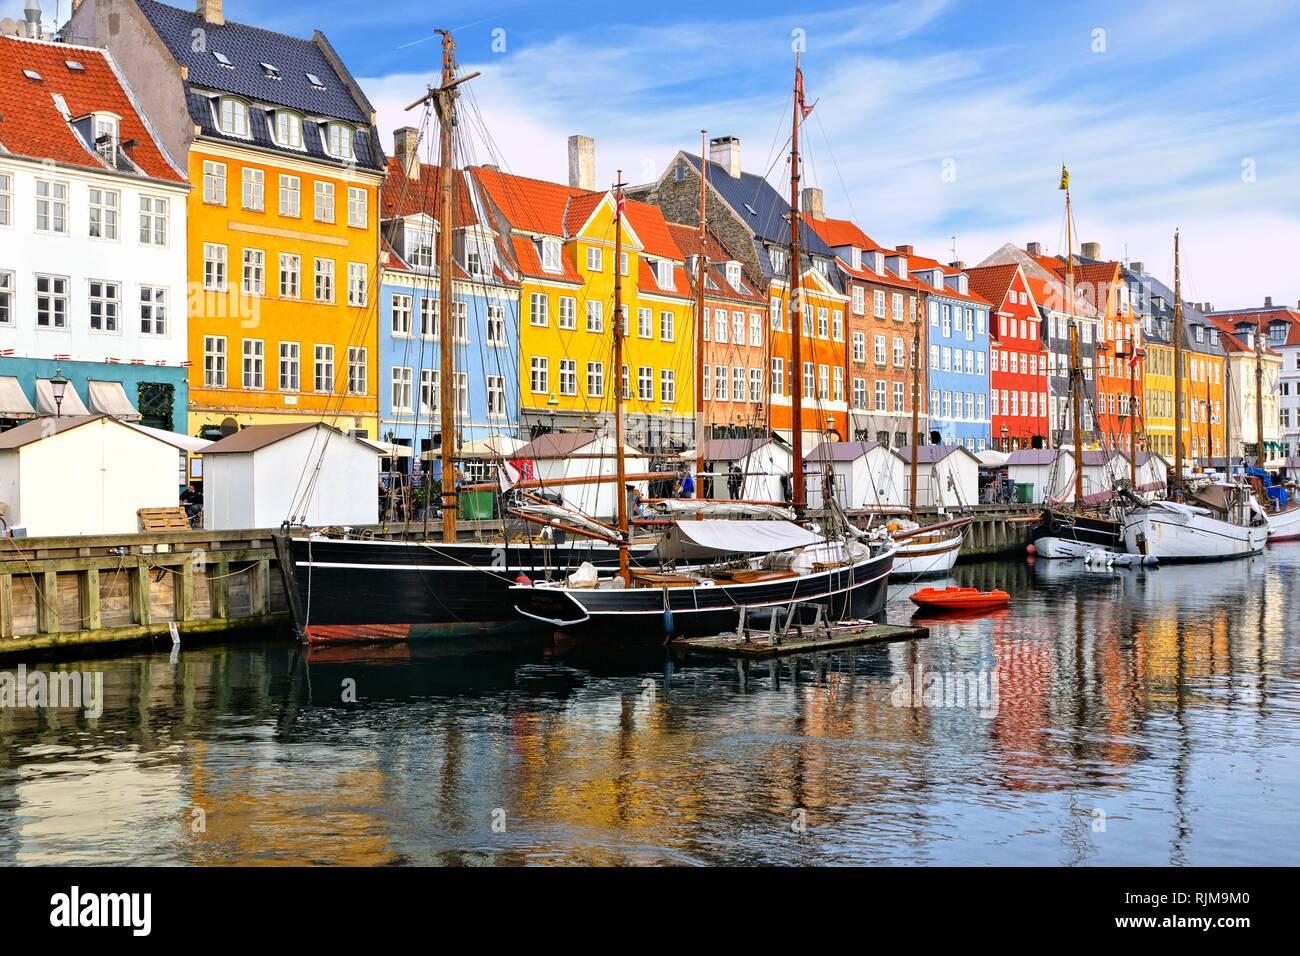 Waterfront coloridos edificios y buques a lo largo de la histórica Canal Nyhavn, Copenhague, Dinamarca Foto de stock